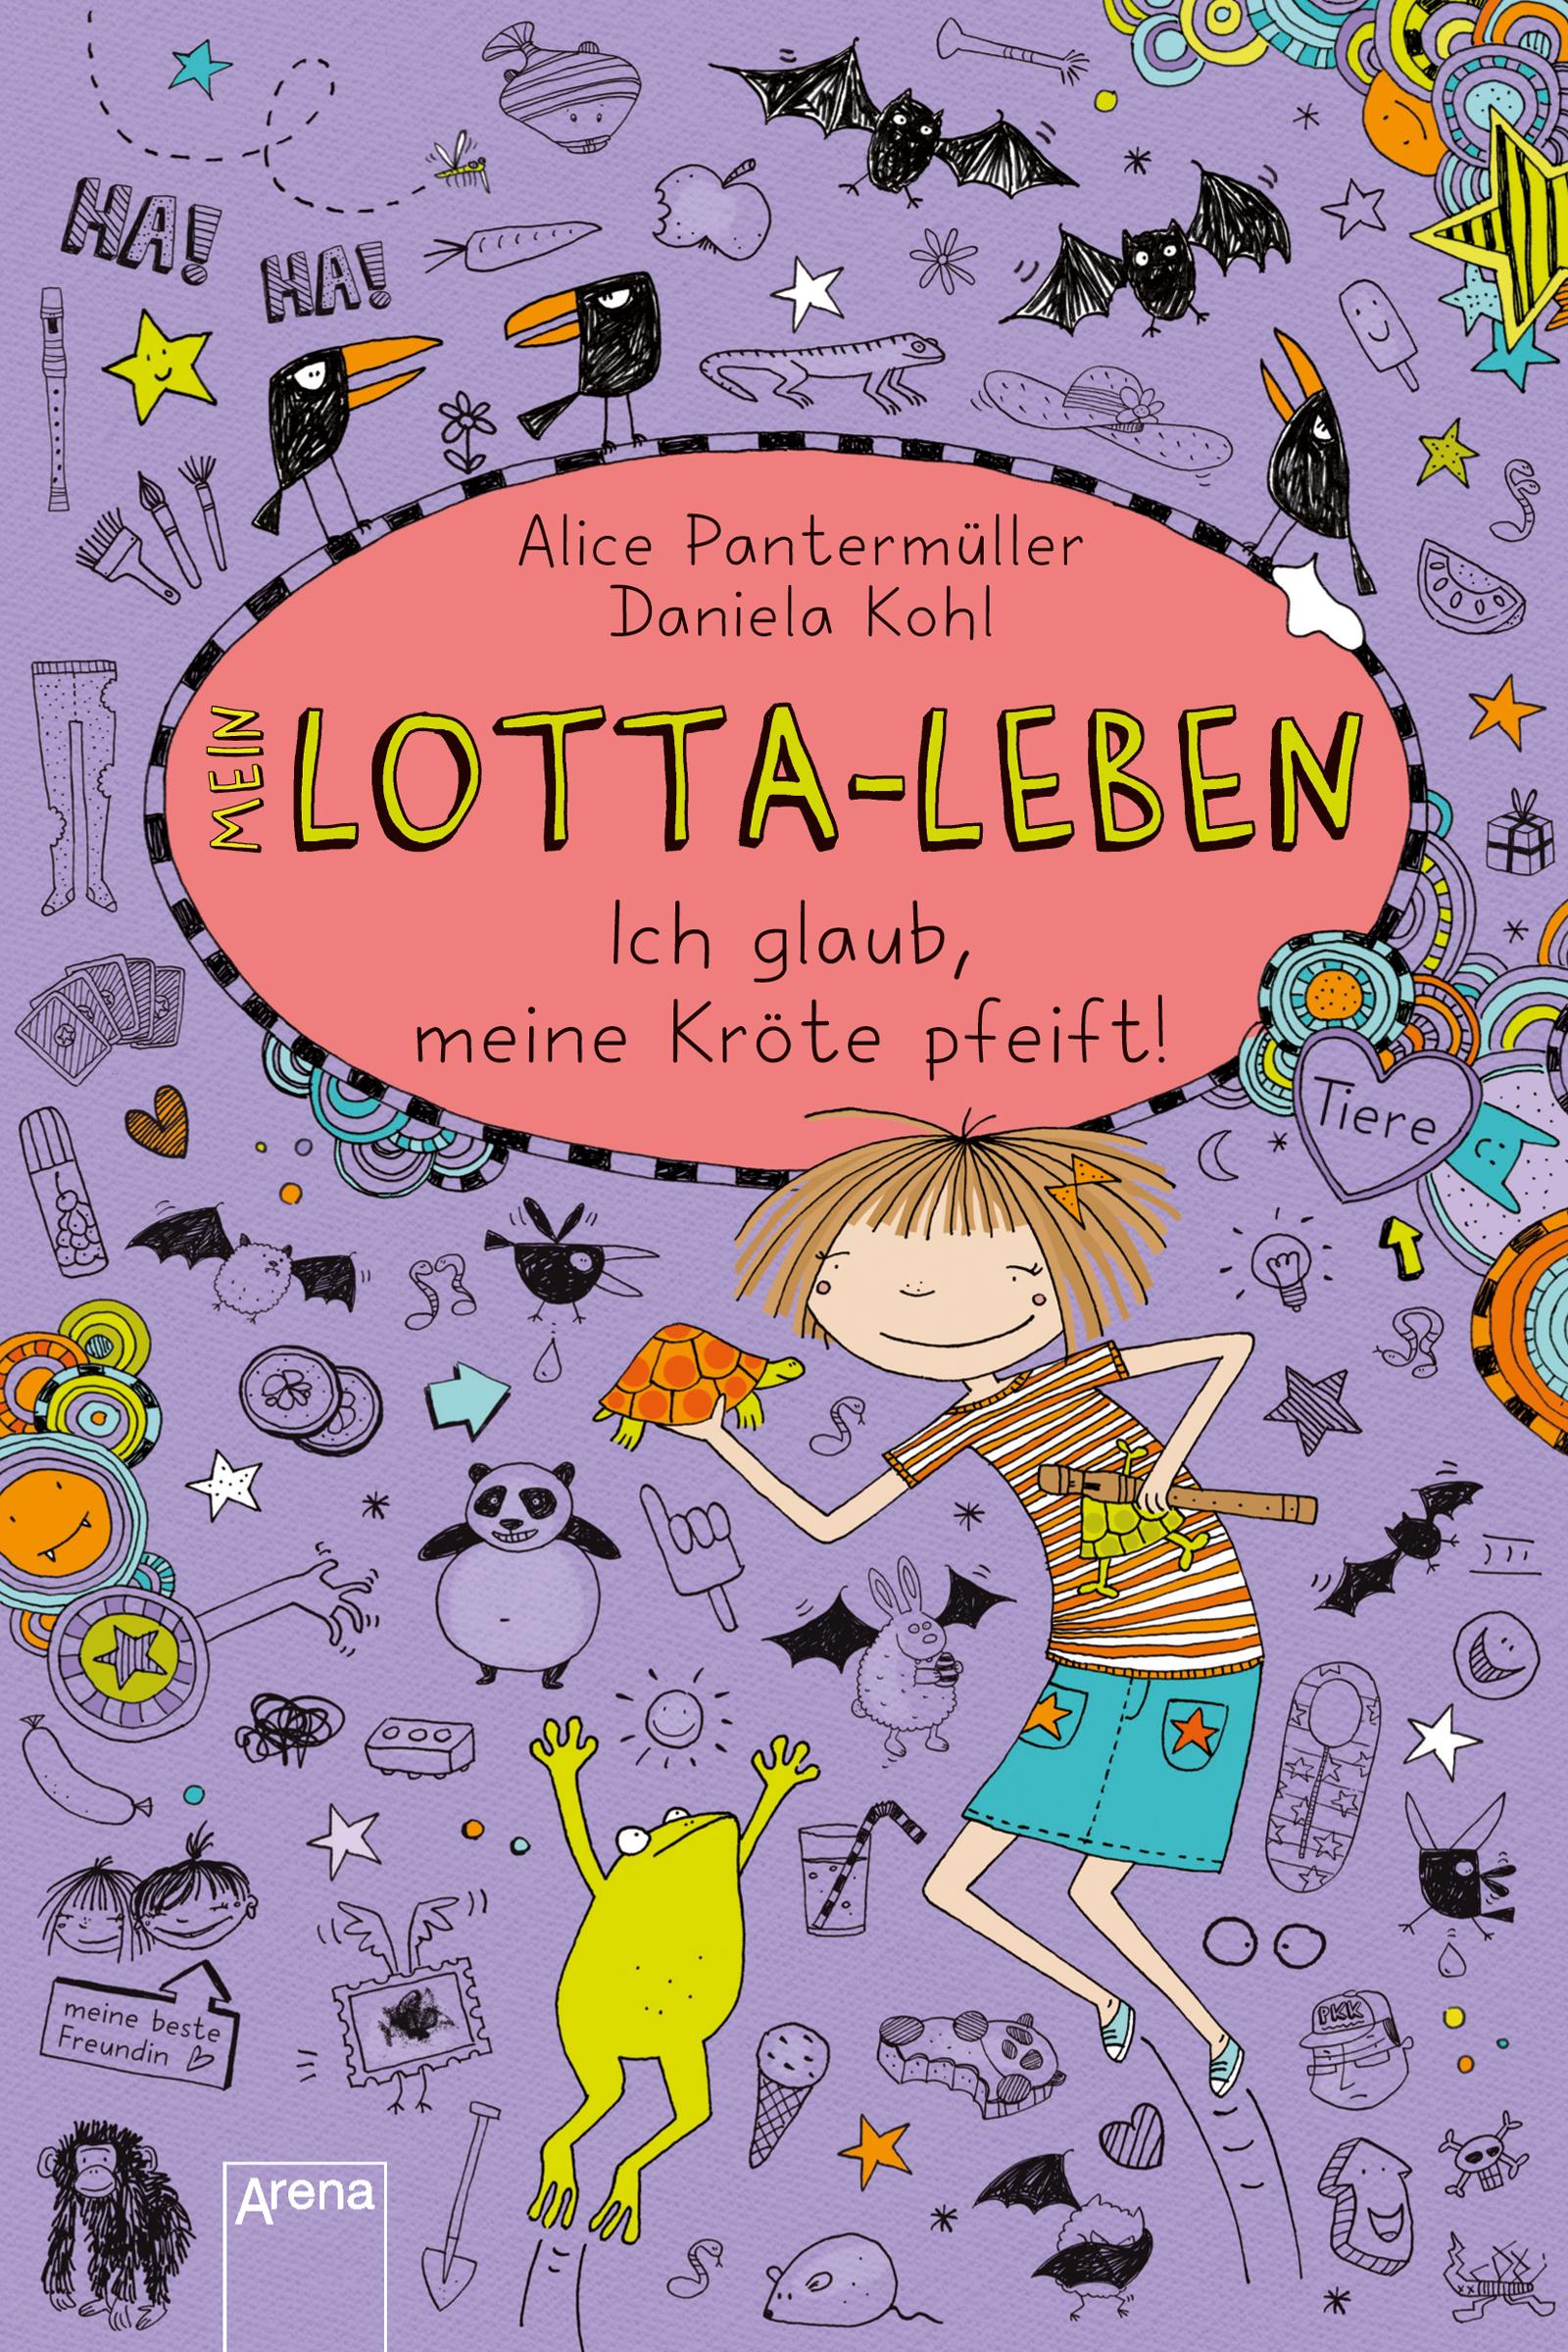 Mein Lotta-Leben: Ich glaub, meine Kröte pfeift - Alice Pantermüller